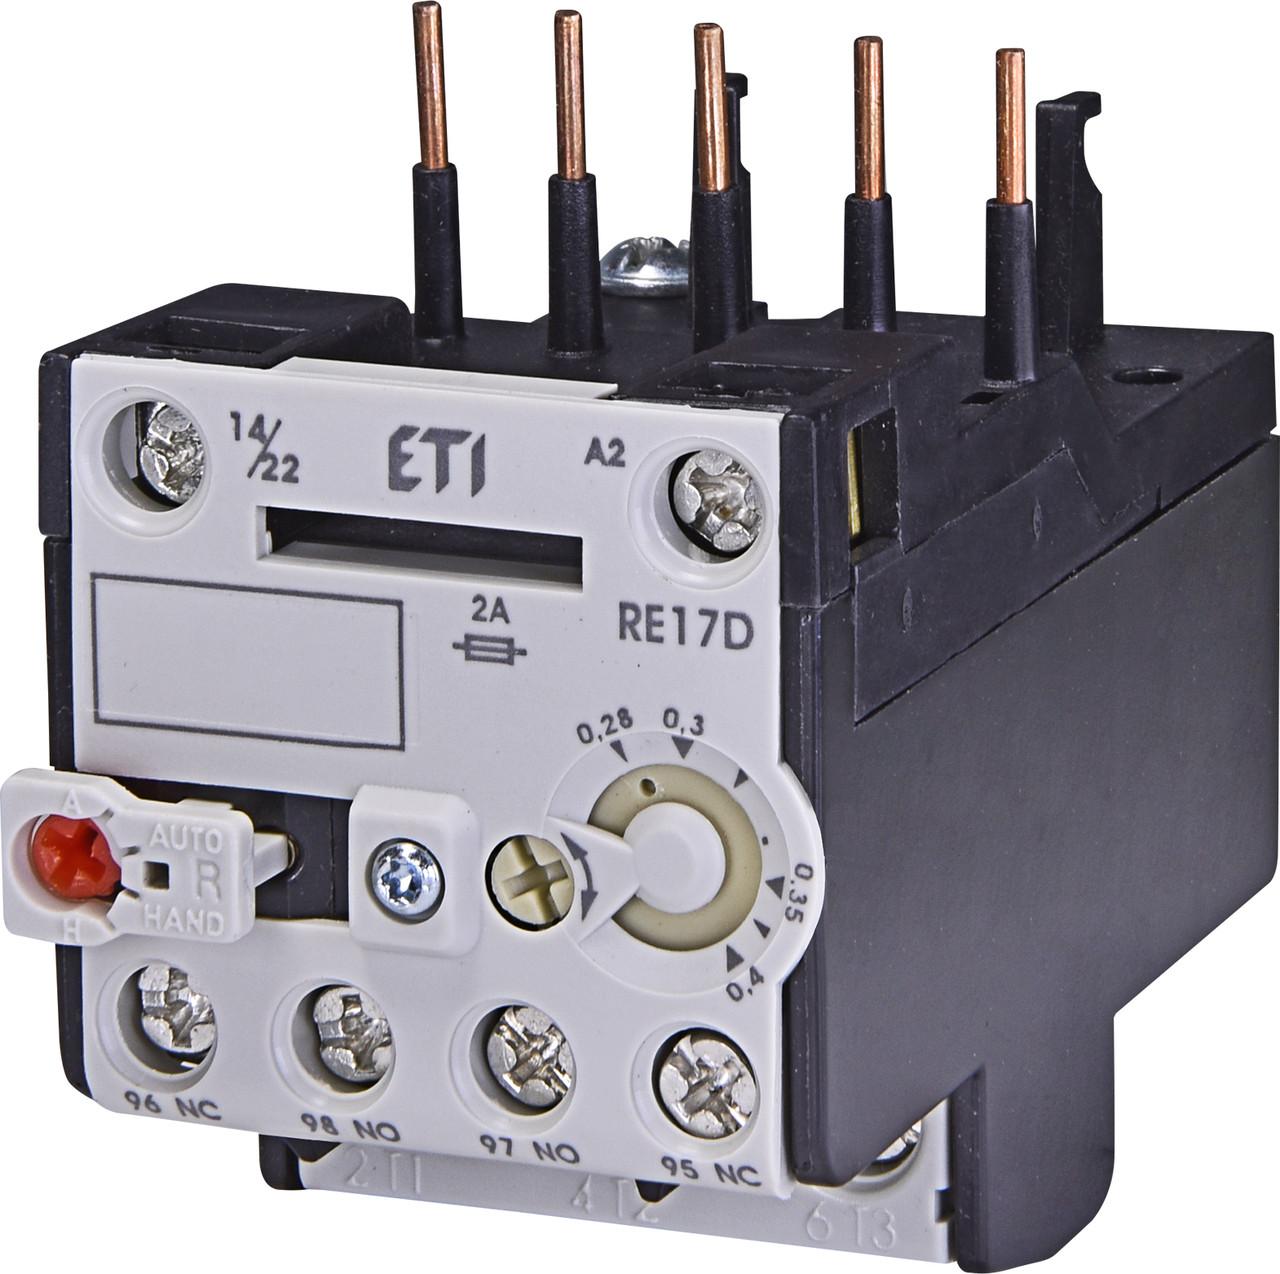 Тепловое реле ETI RE 17D-0,4 (0,28-0,4A) CE07/CEC 4641400 (для контакторов)